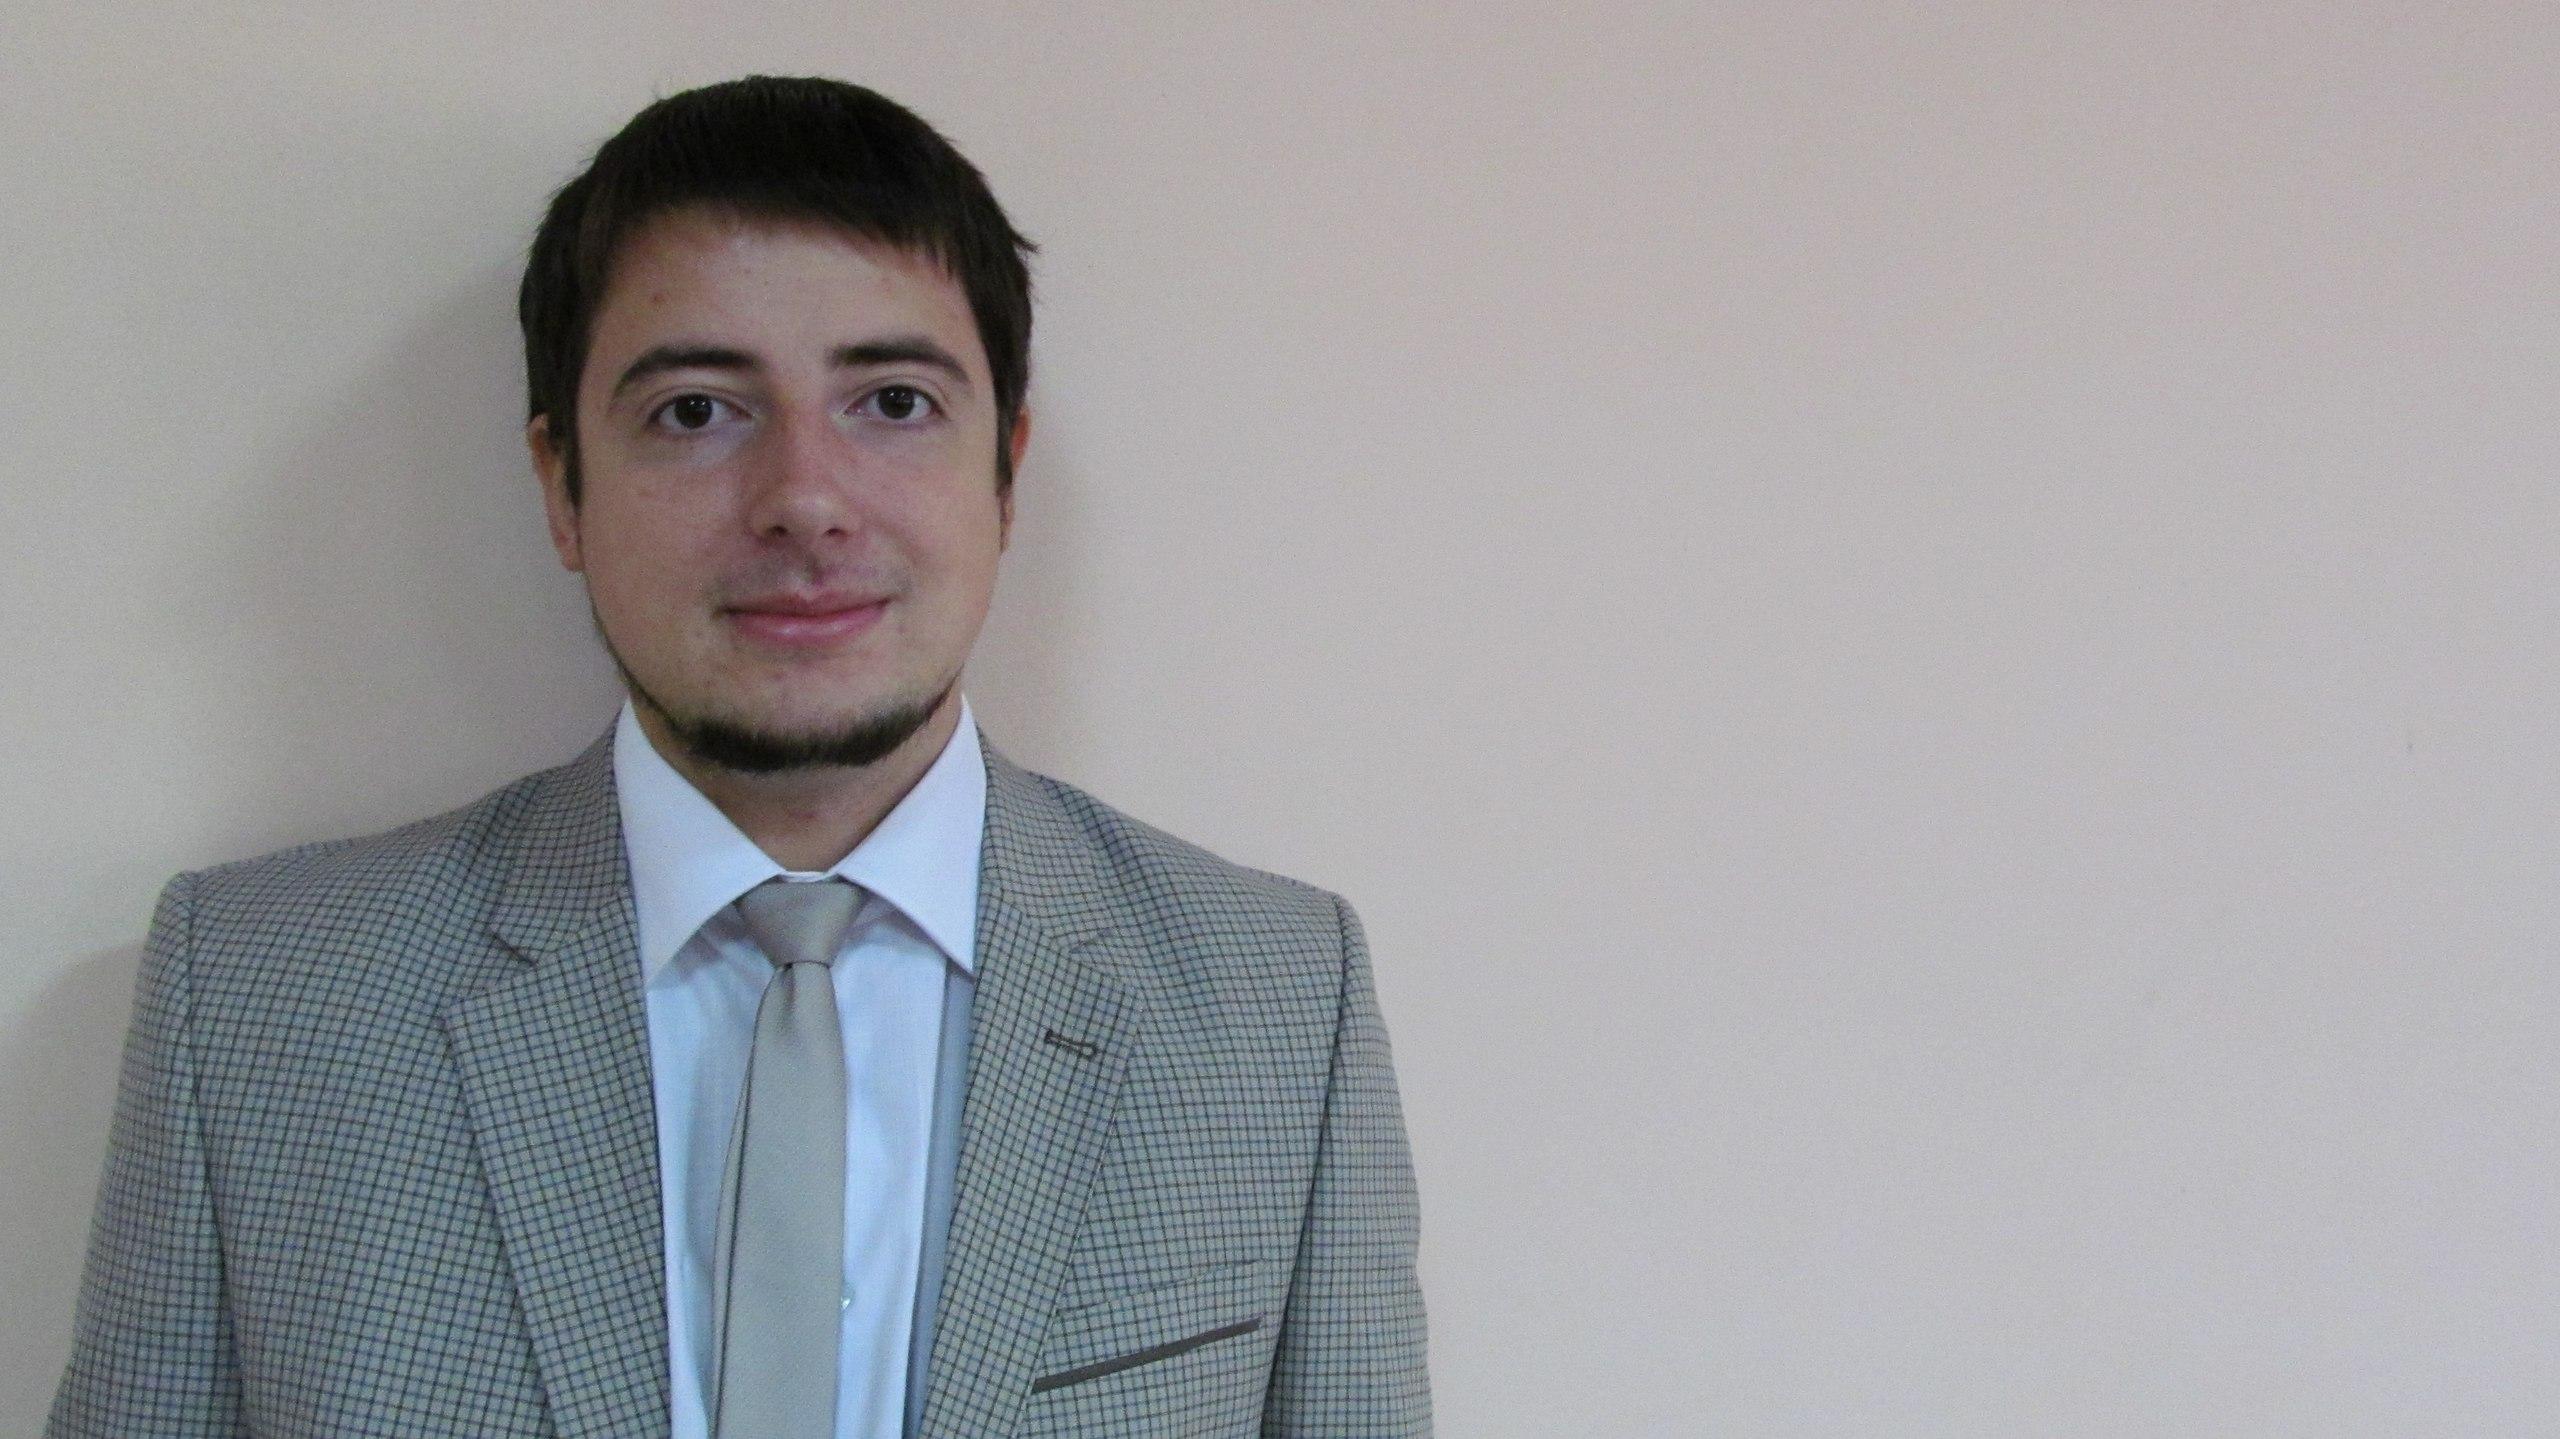 Нестеров Дмитрий Игоревич